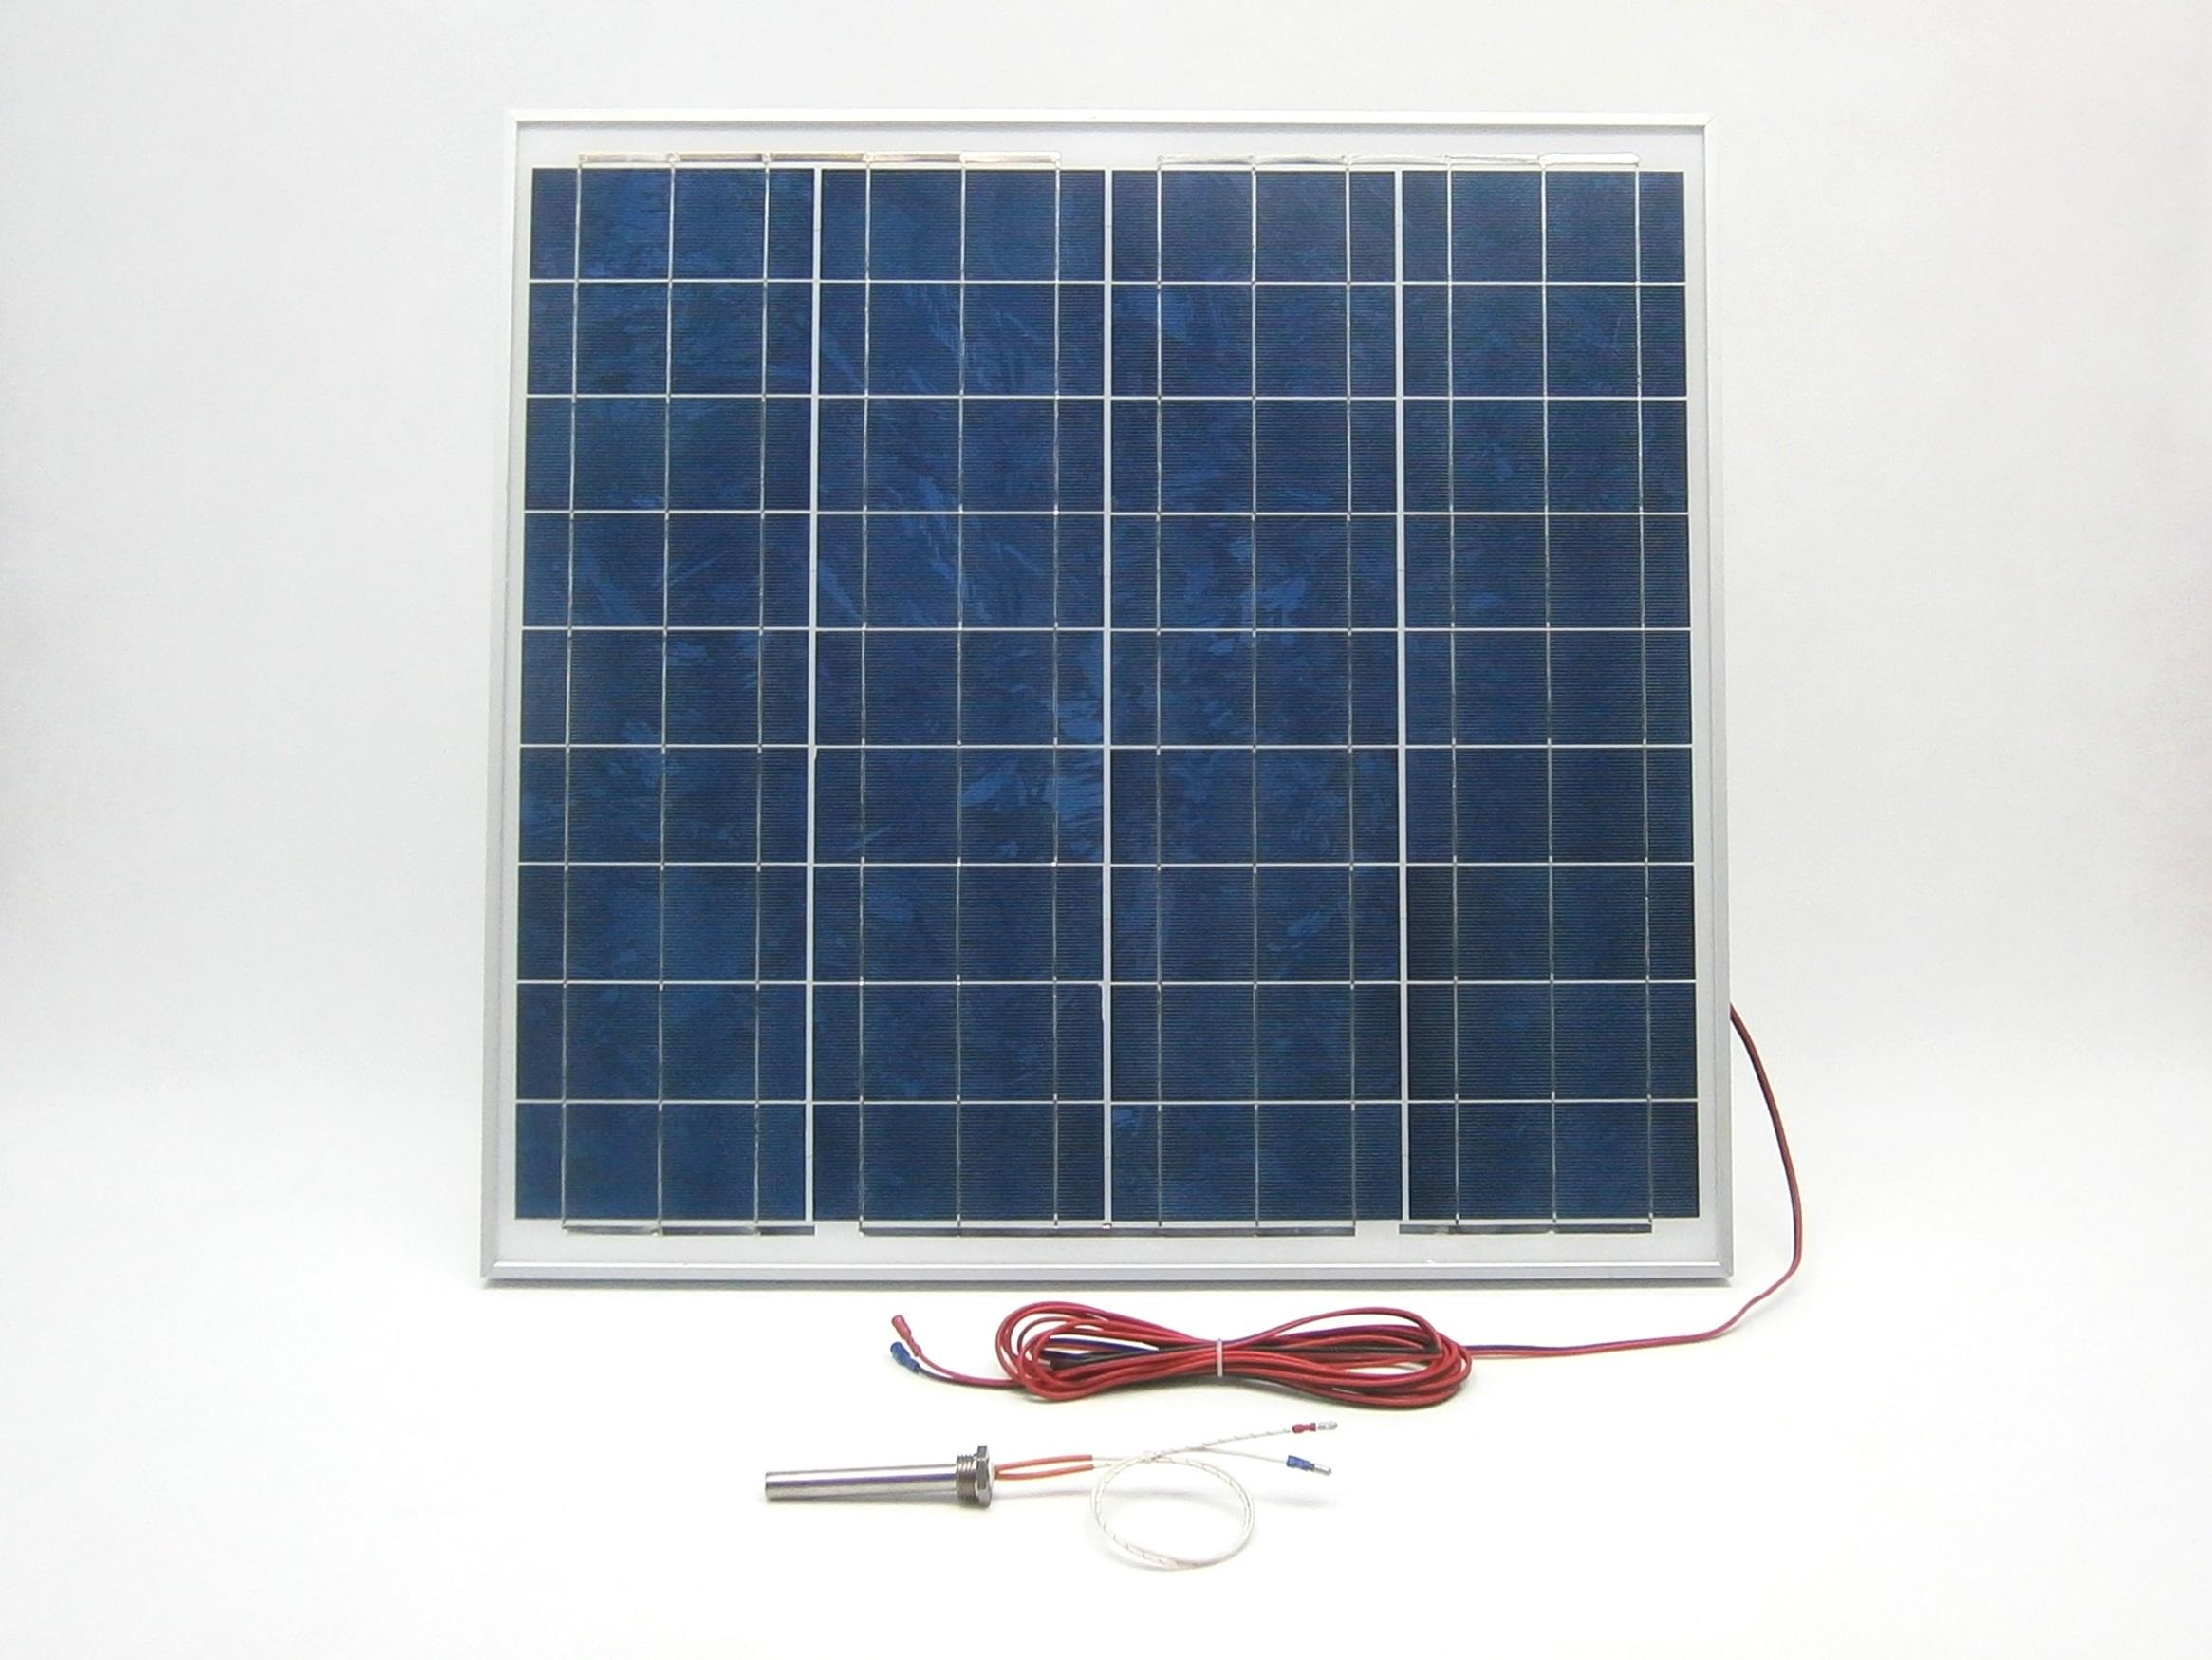 Solární sytém pro ohřev SOV57